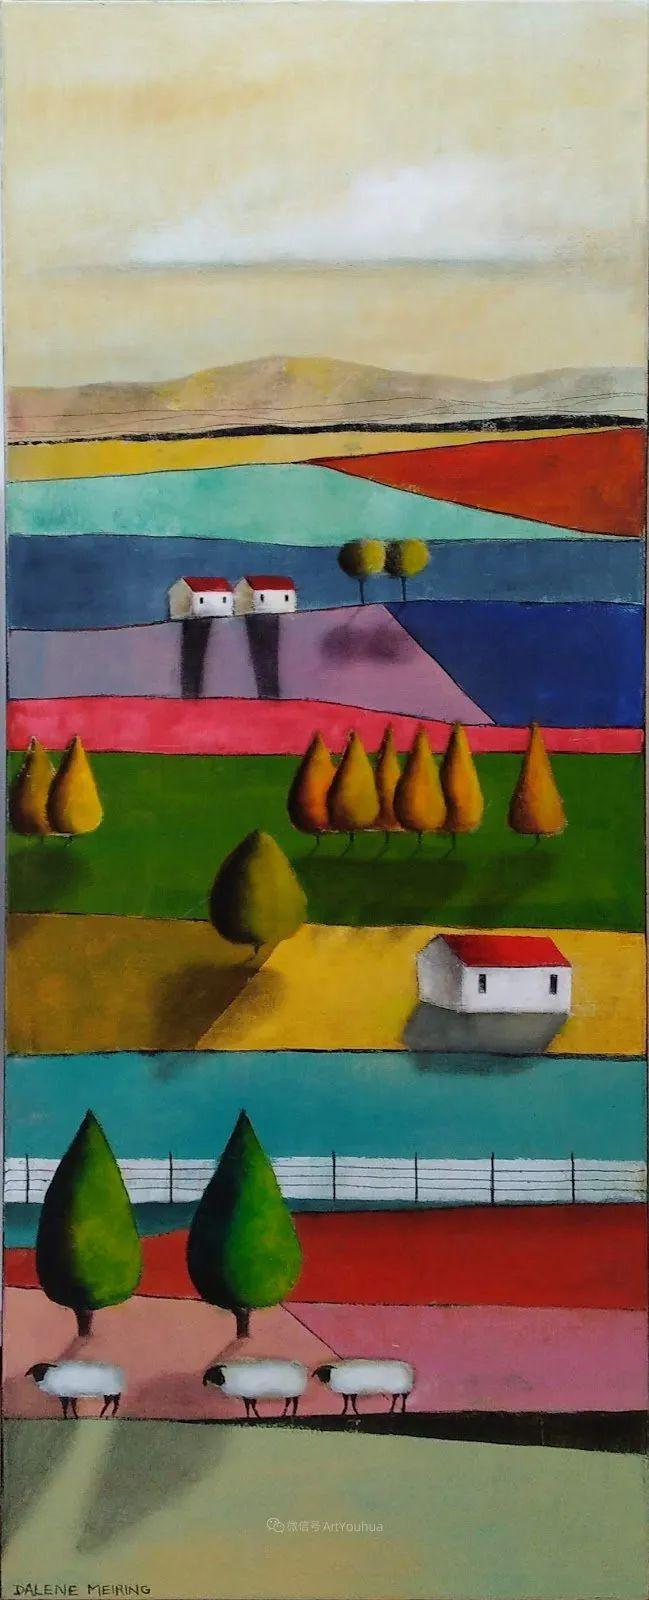 风景篇,南非女艺术家达琳·梅林作品选(中)插图25